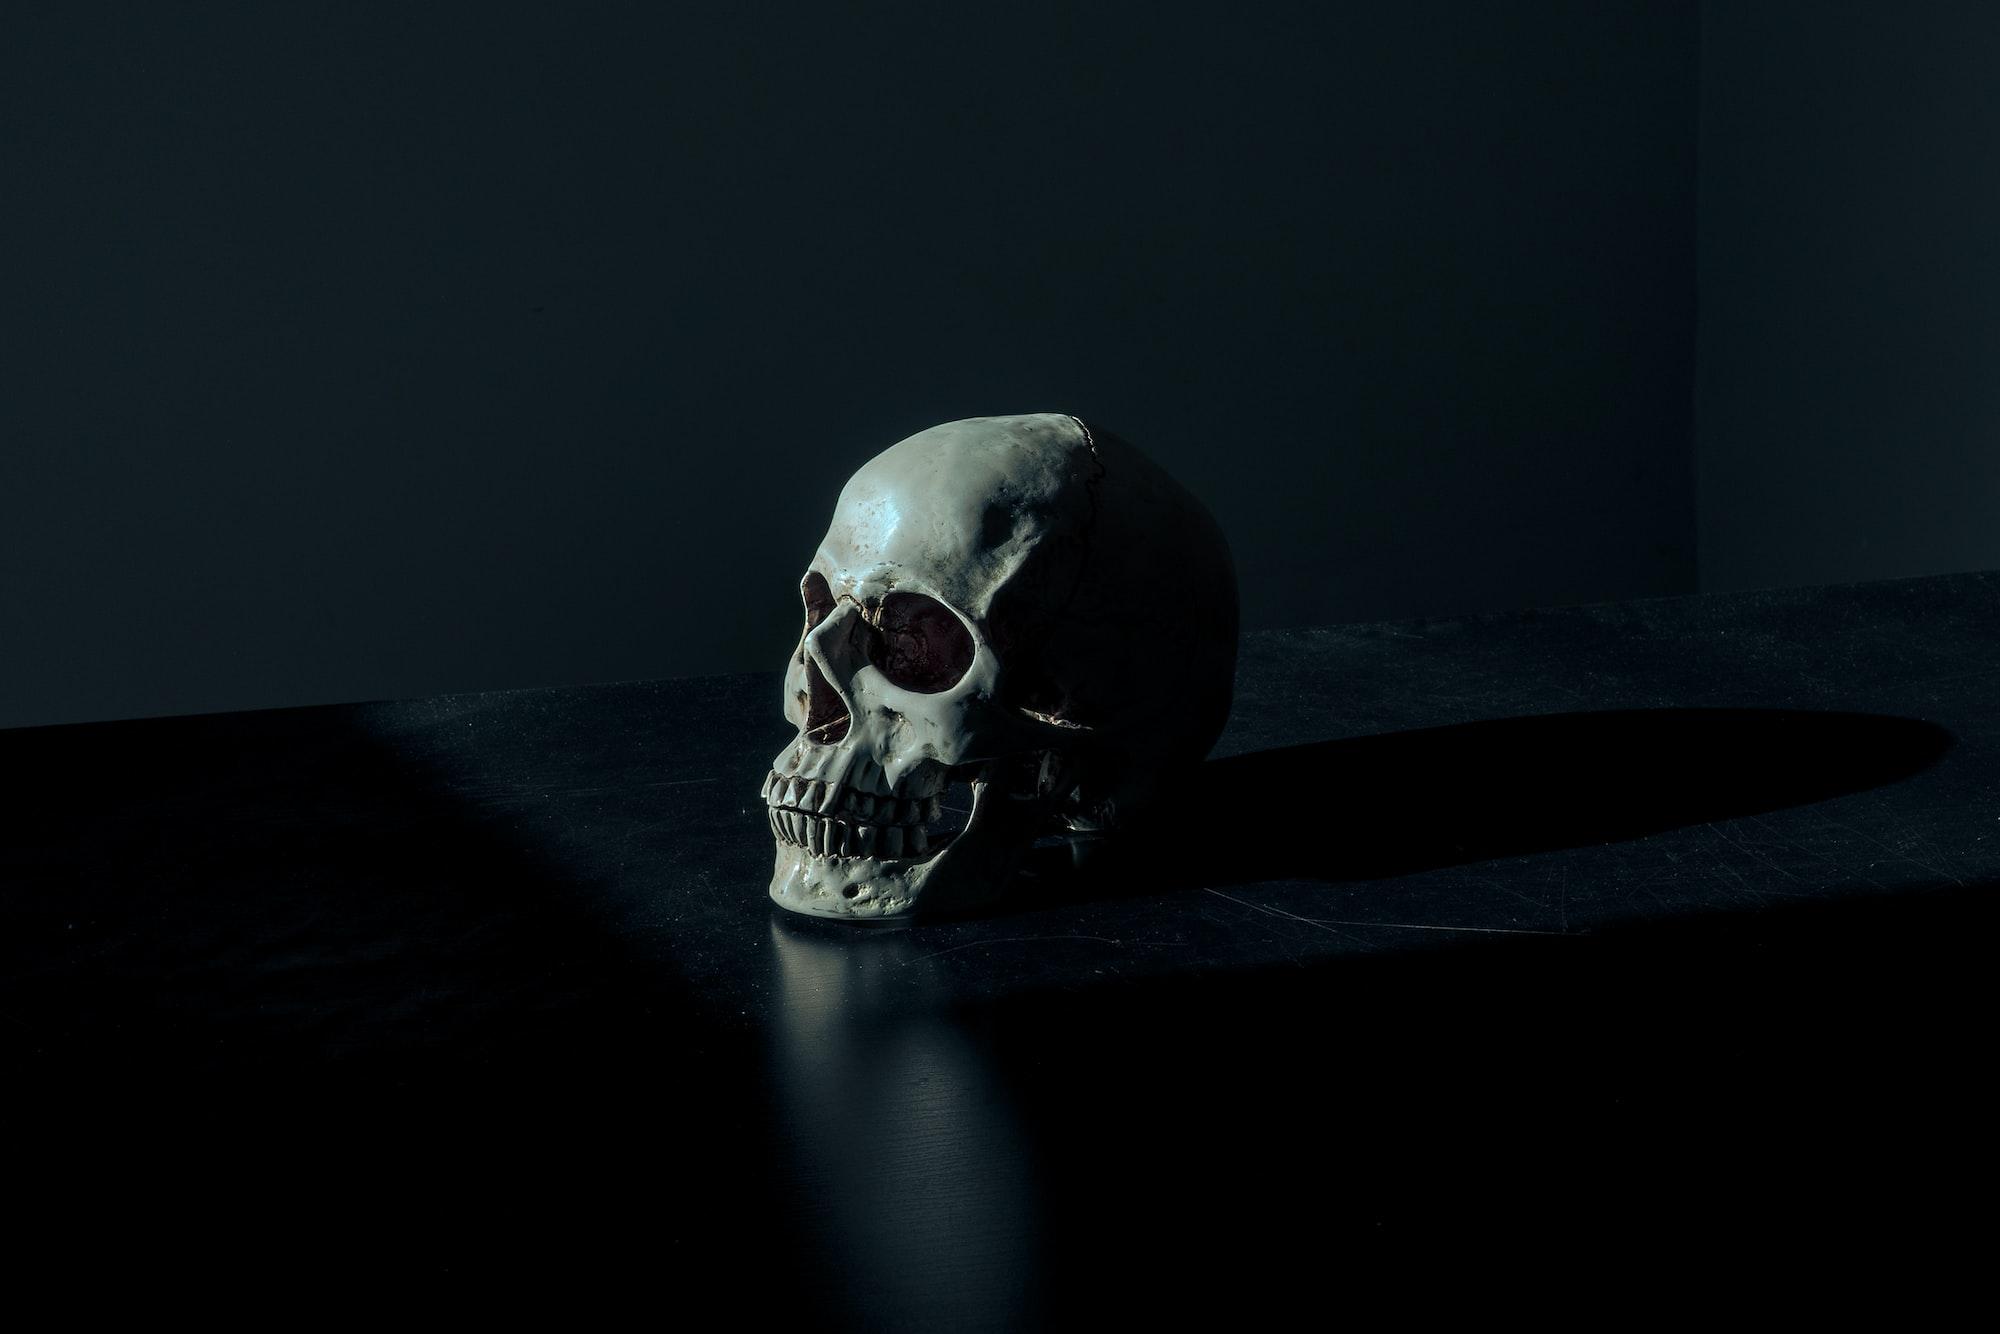 จะเกิดอะไรขึ้นกับ Crypto หลังจากเจ้าของเสียชีวิต